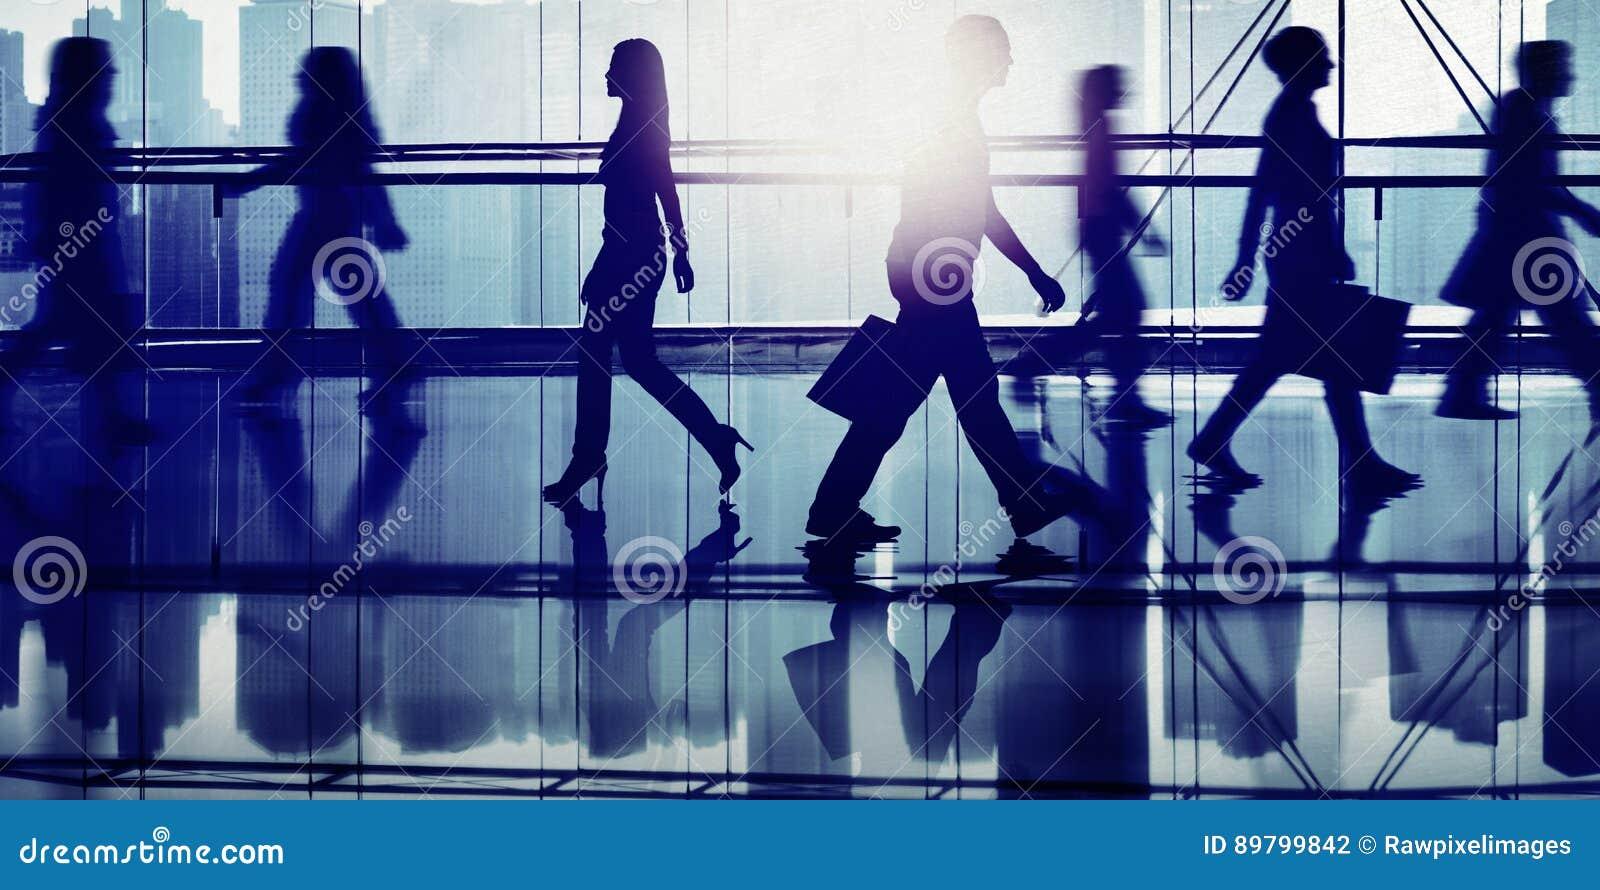 Hintergrundbeleuchtete Leute-gehendes Mall-Stadtbild Shopaholic-Konzept